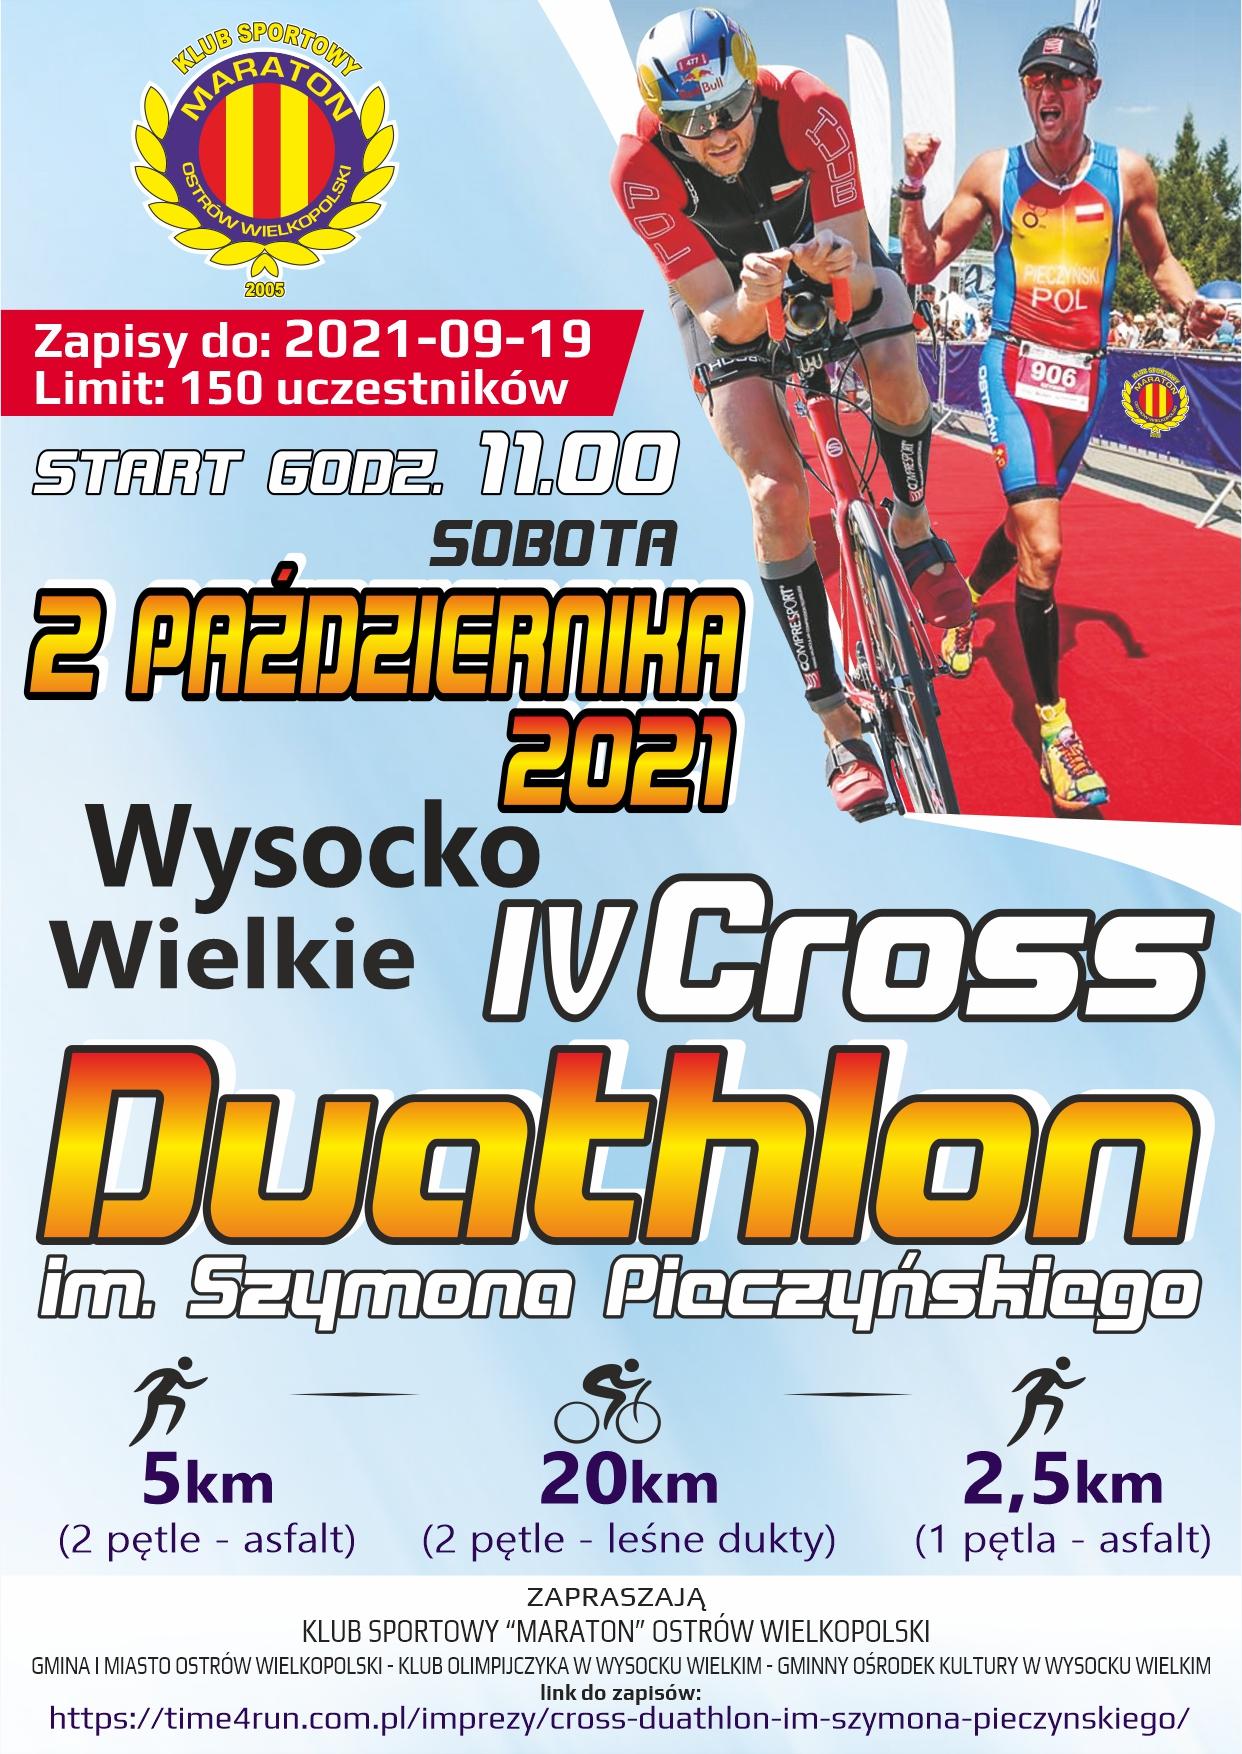 Logo Zawodów Cross Duathlon im. Szymona Pieczyńskiego 2021